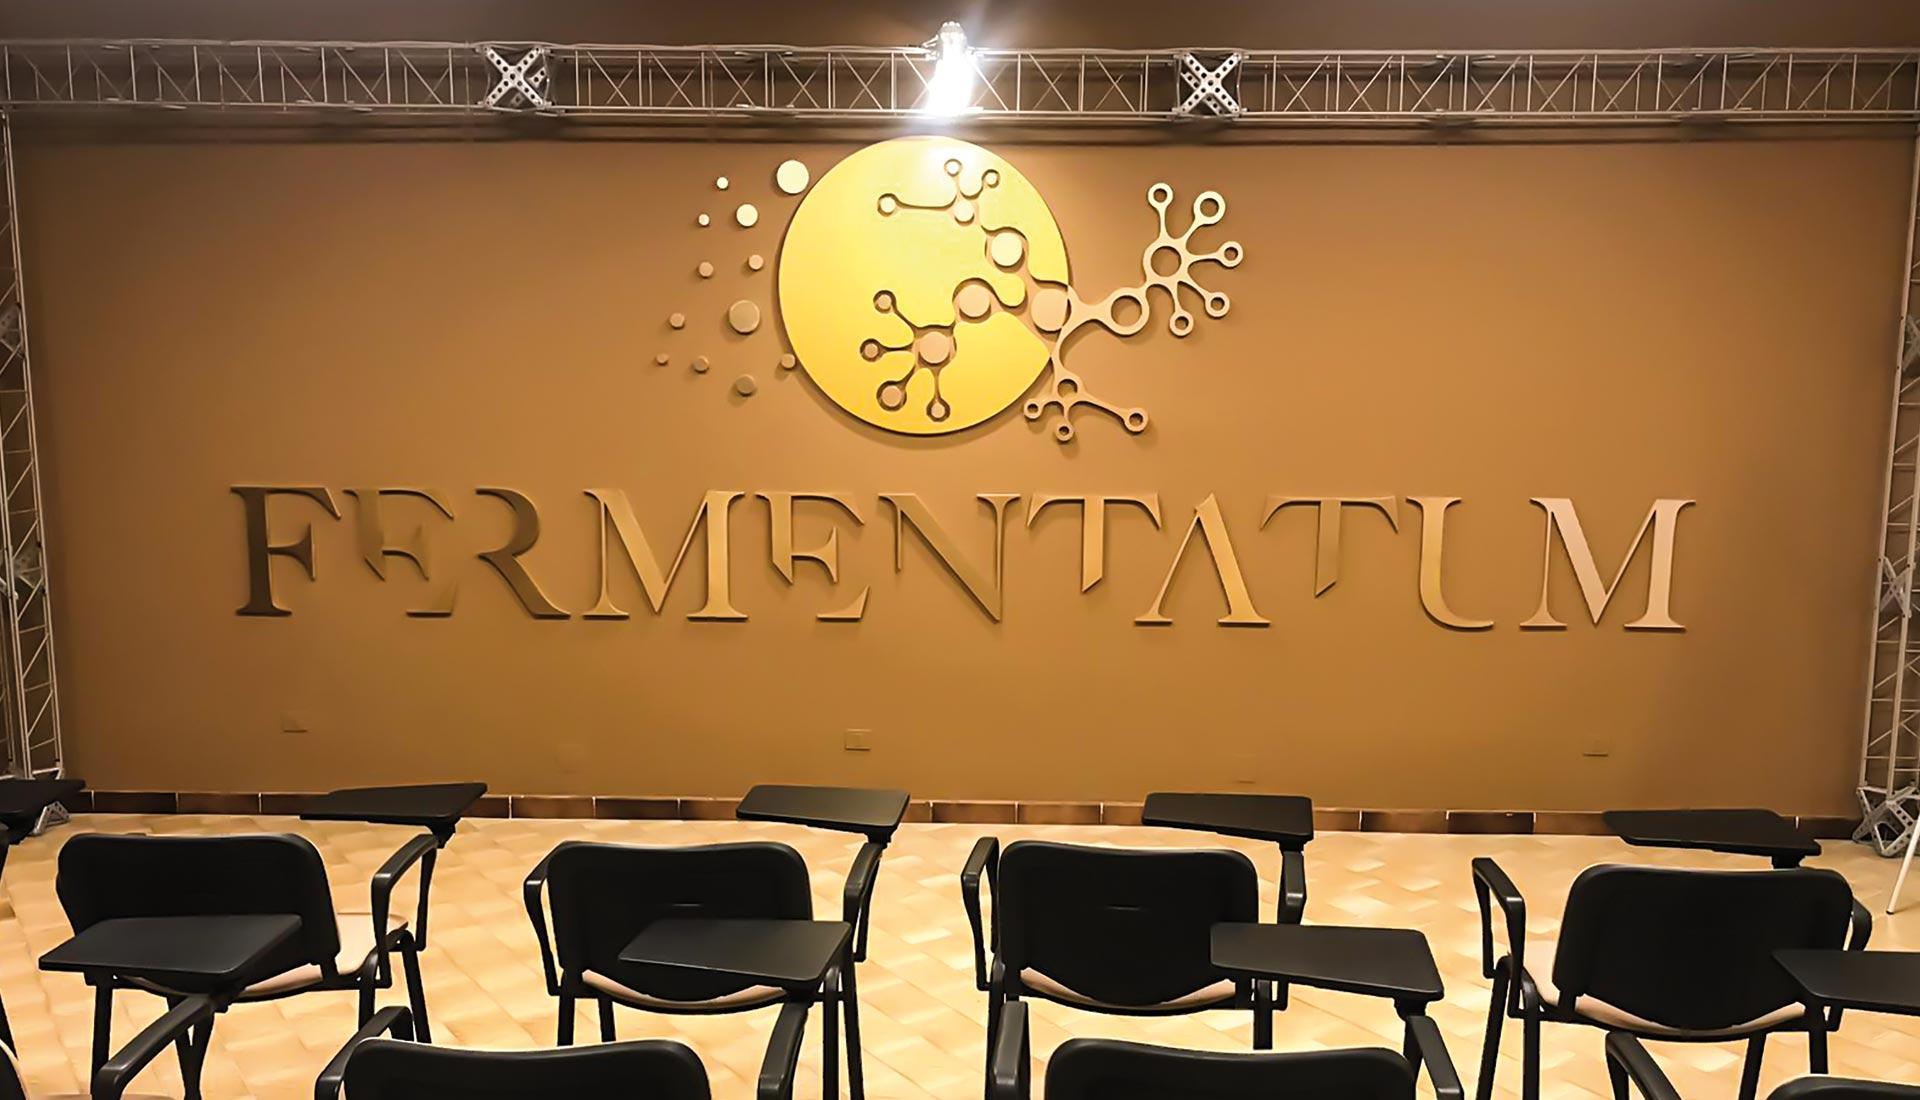 fermentatum